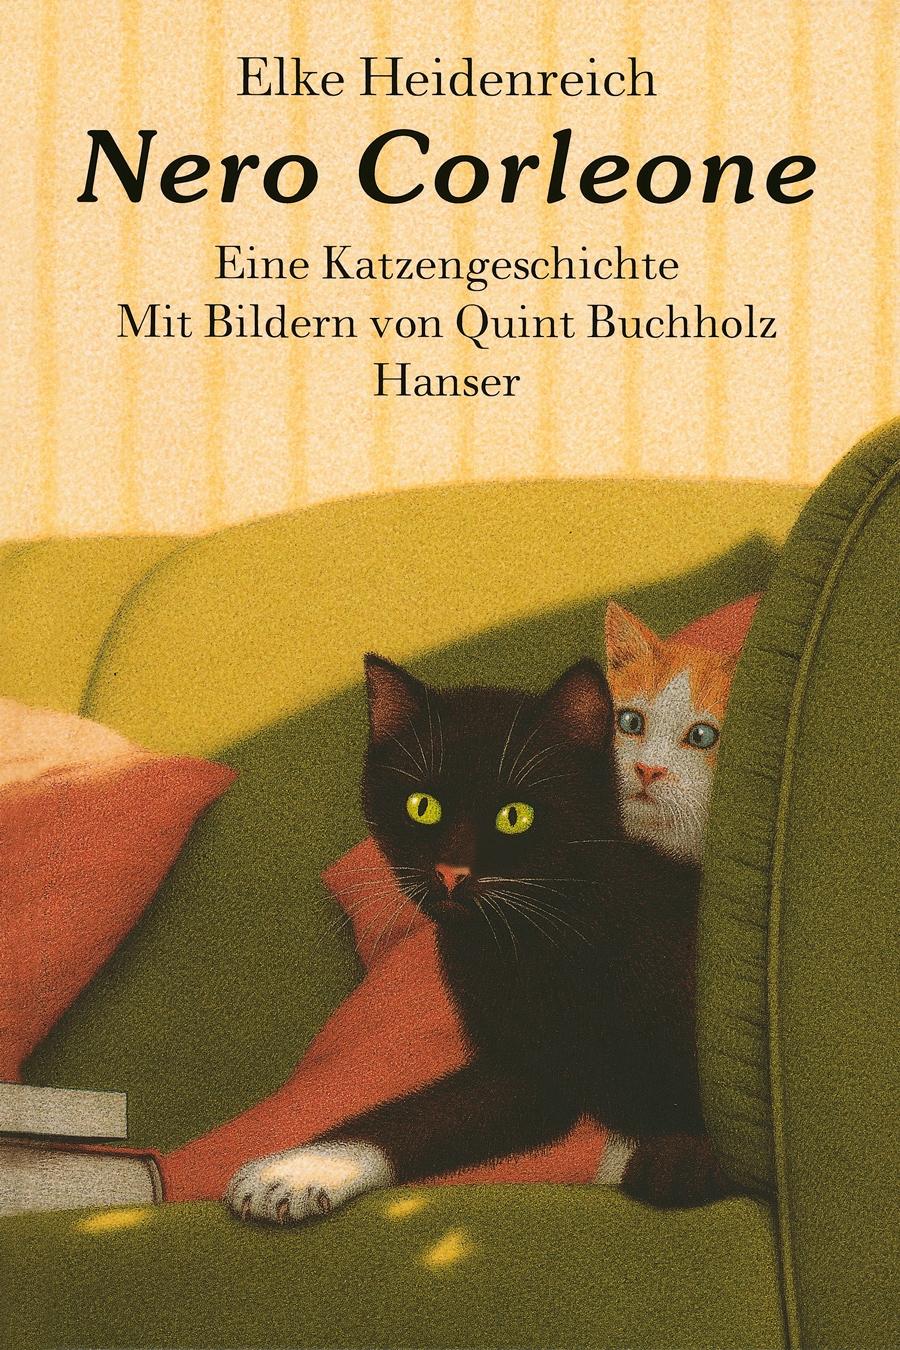 Nero Corleone - A Cat's Tale